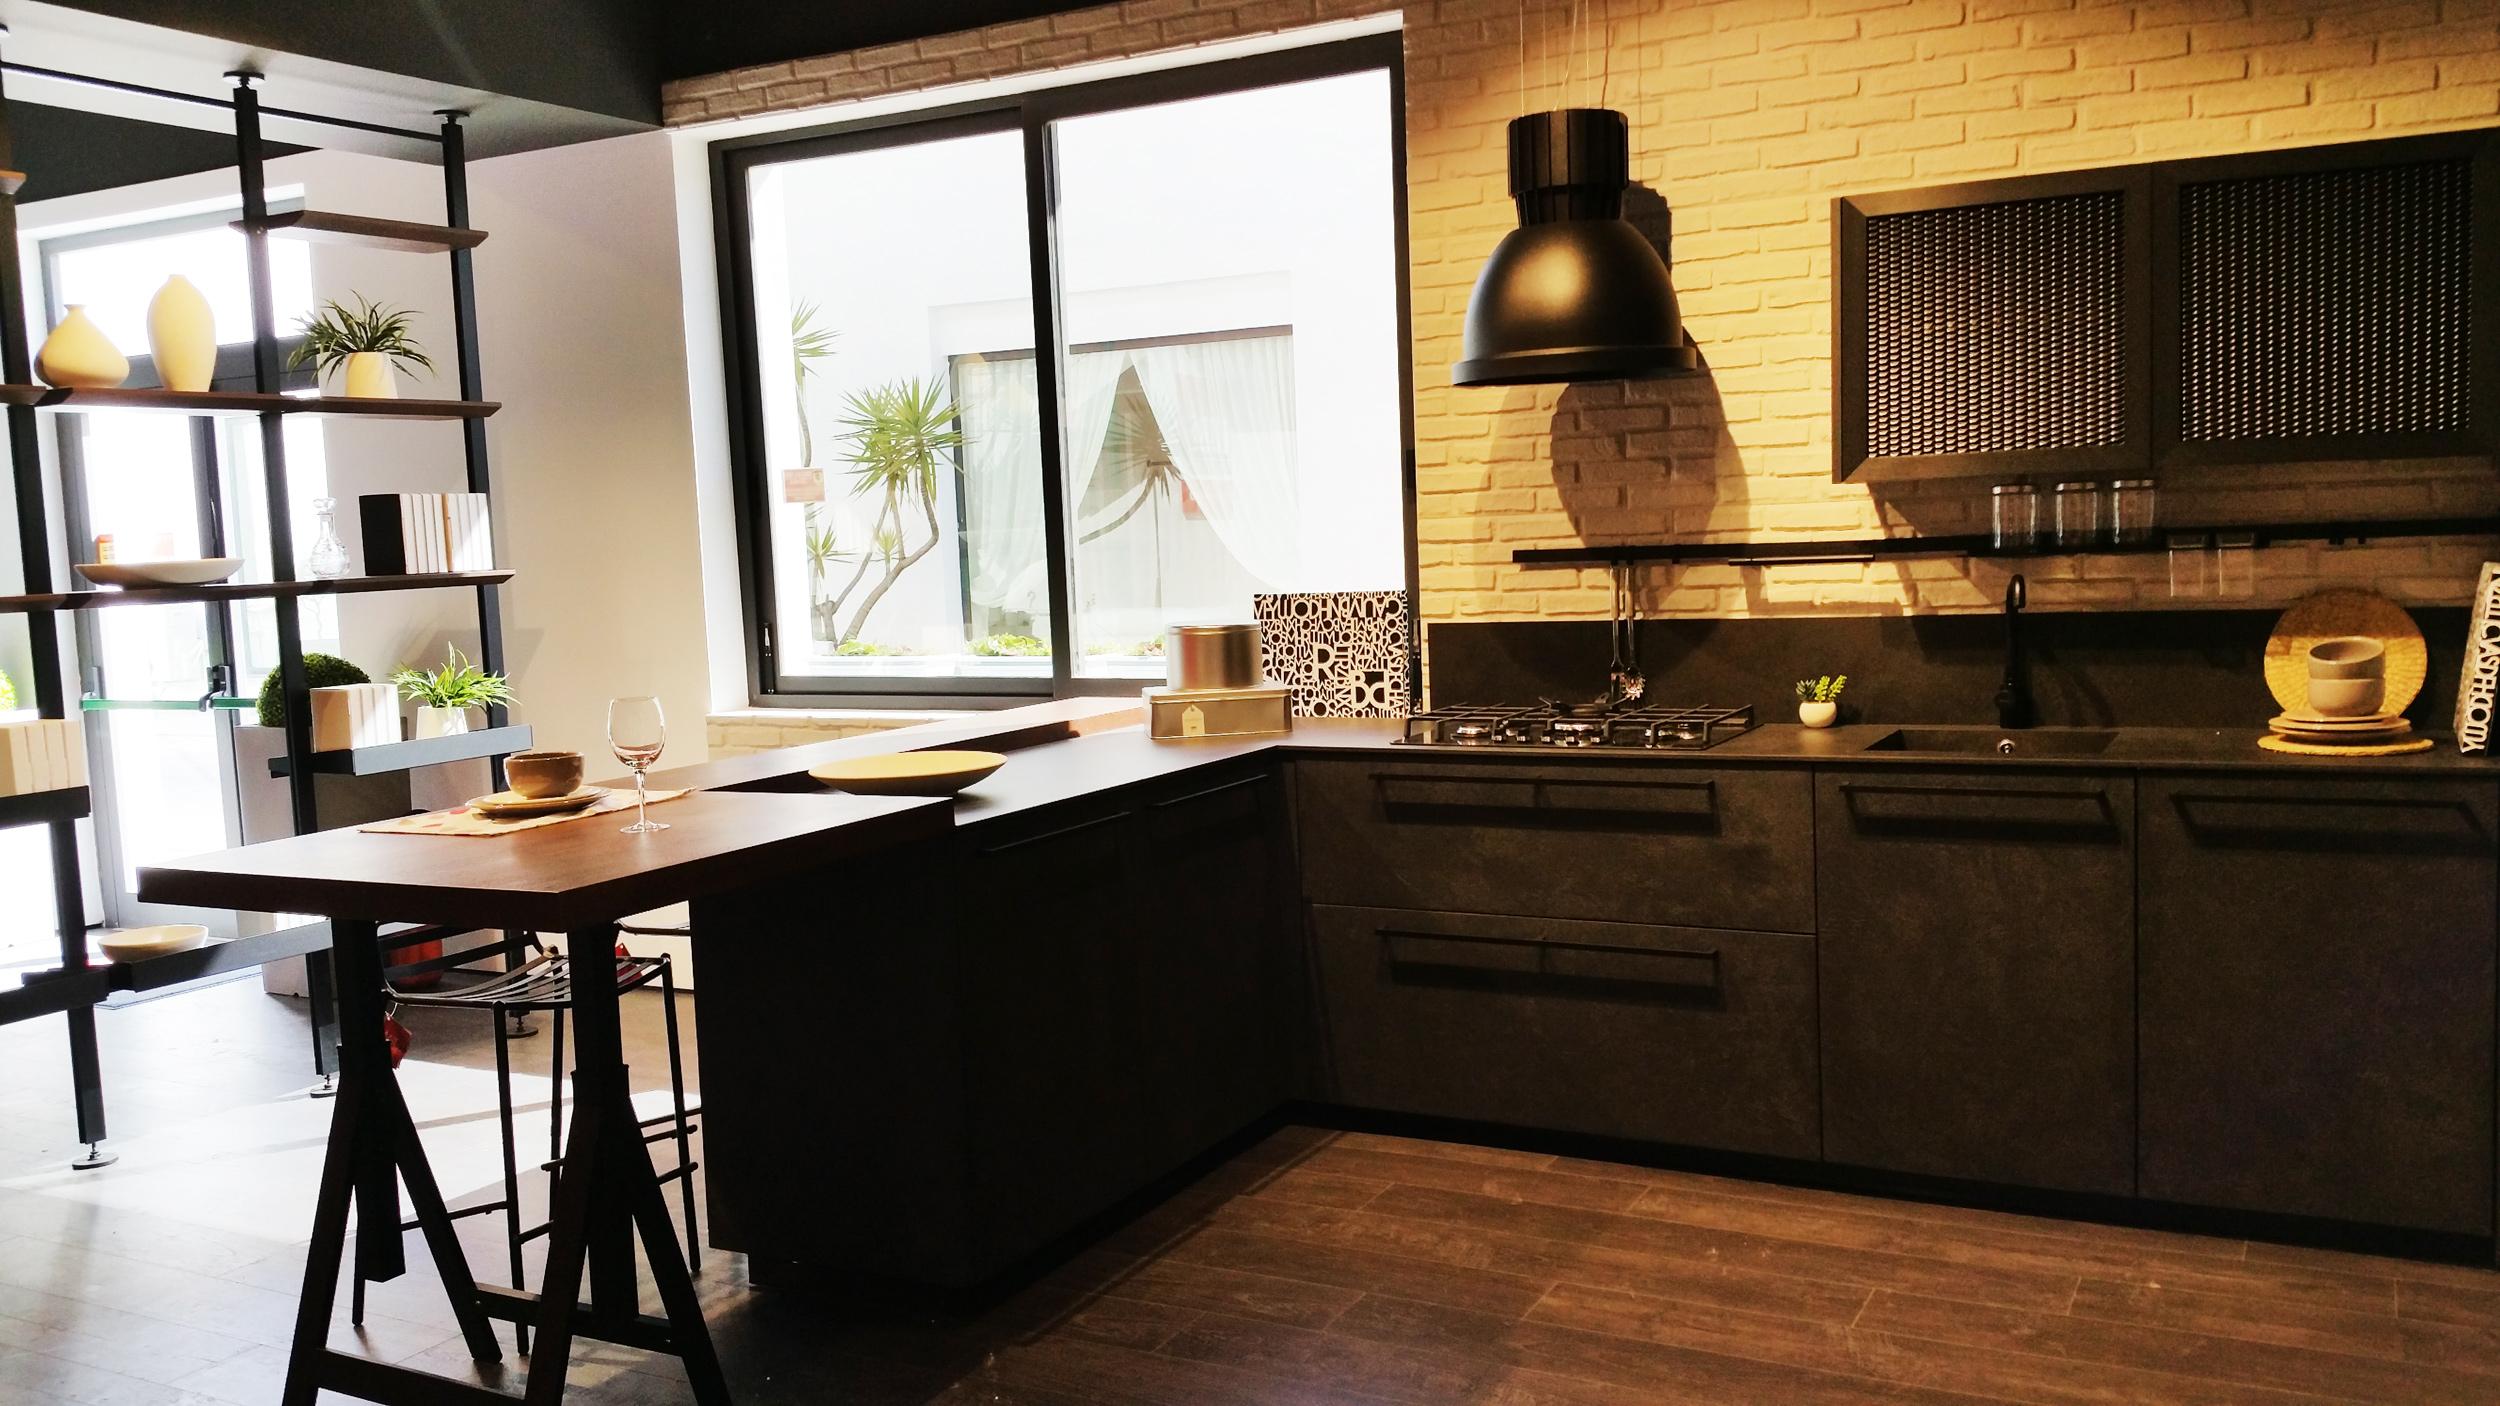 Il Gruppo Lube Inaugura Il Nuovo Store Lube A Selargius In Provincia Di Cagliari Cucine Lube